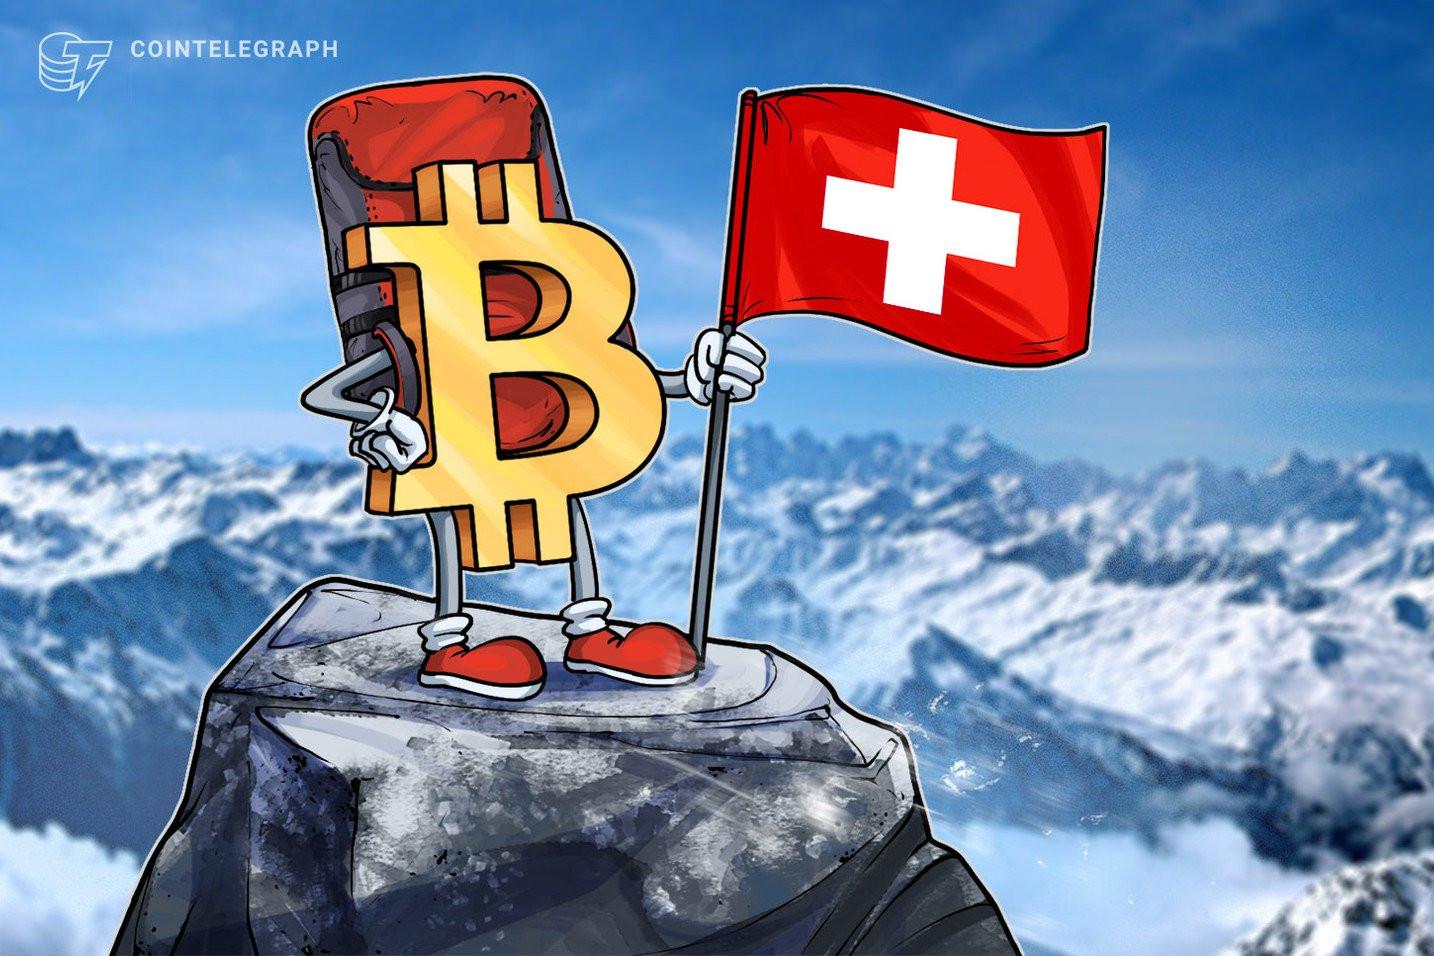 スイスのクリプトバレーが「デスバレー」に?新型コロナの影響で仮想通貨企業の80%が倒産危機